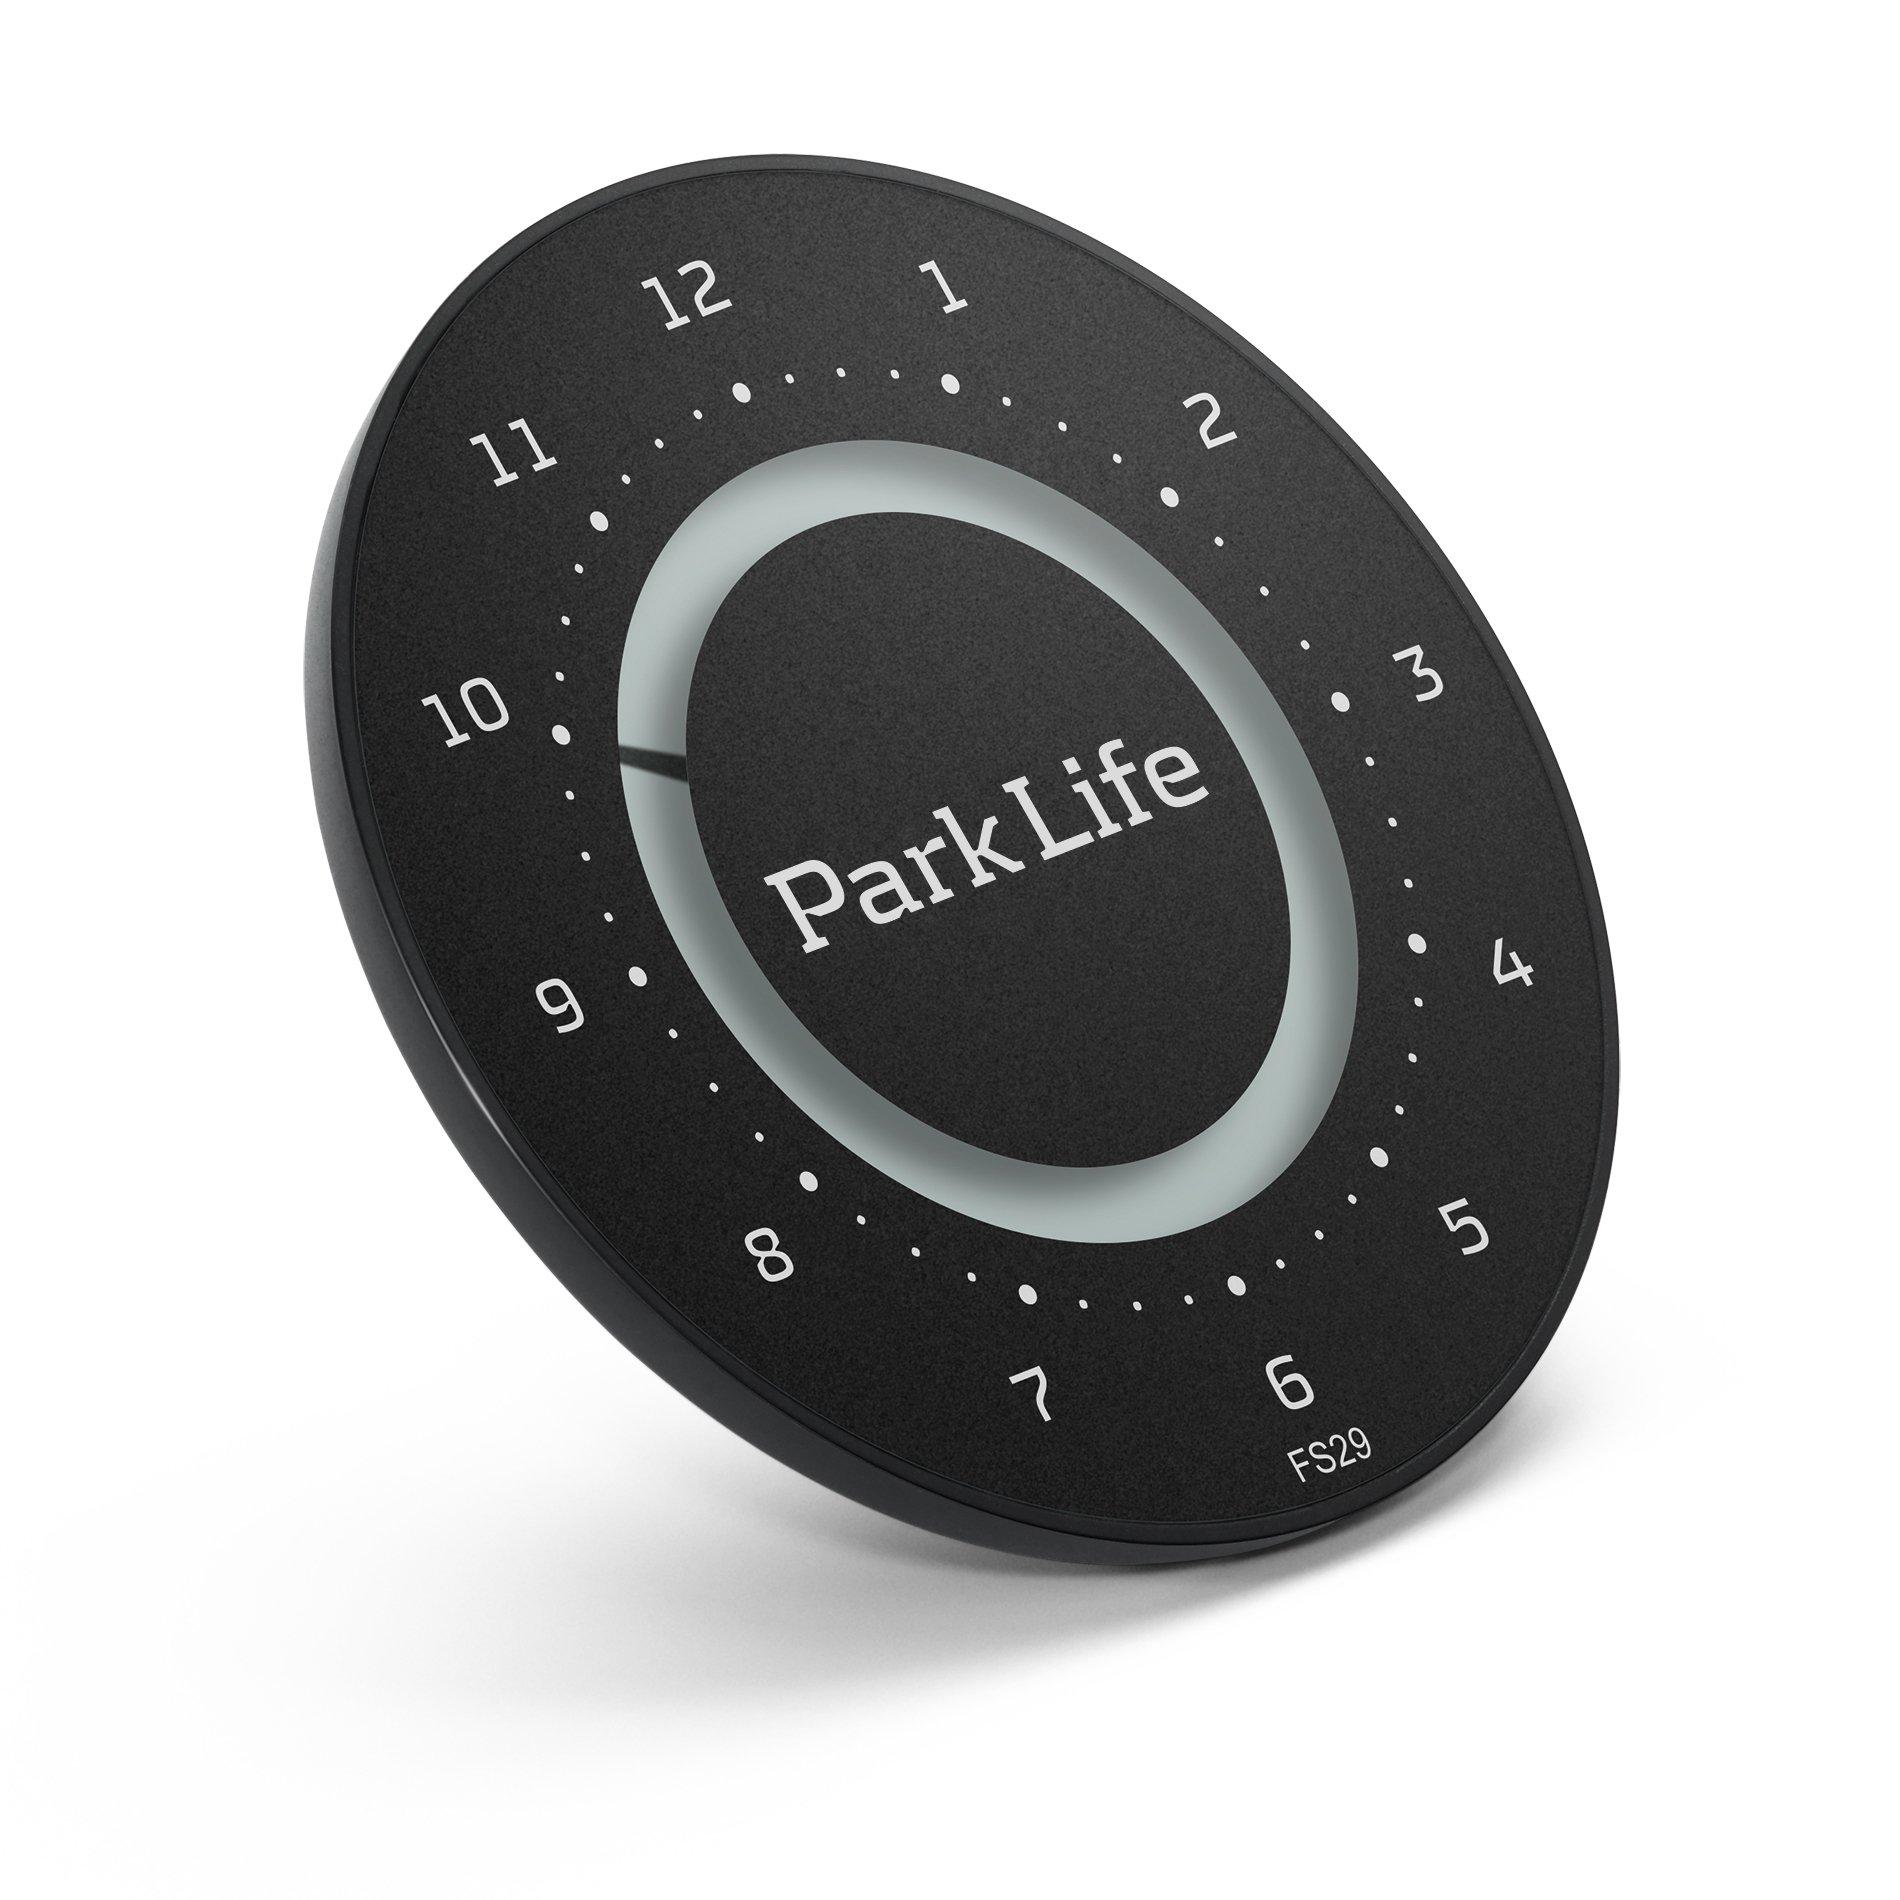 Park Life - Elektronisk Parkeringsskive Carbon Black